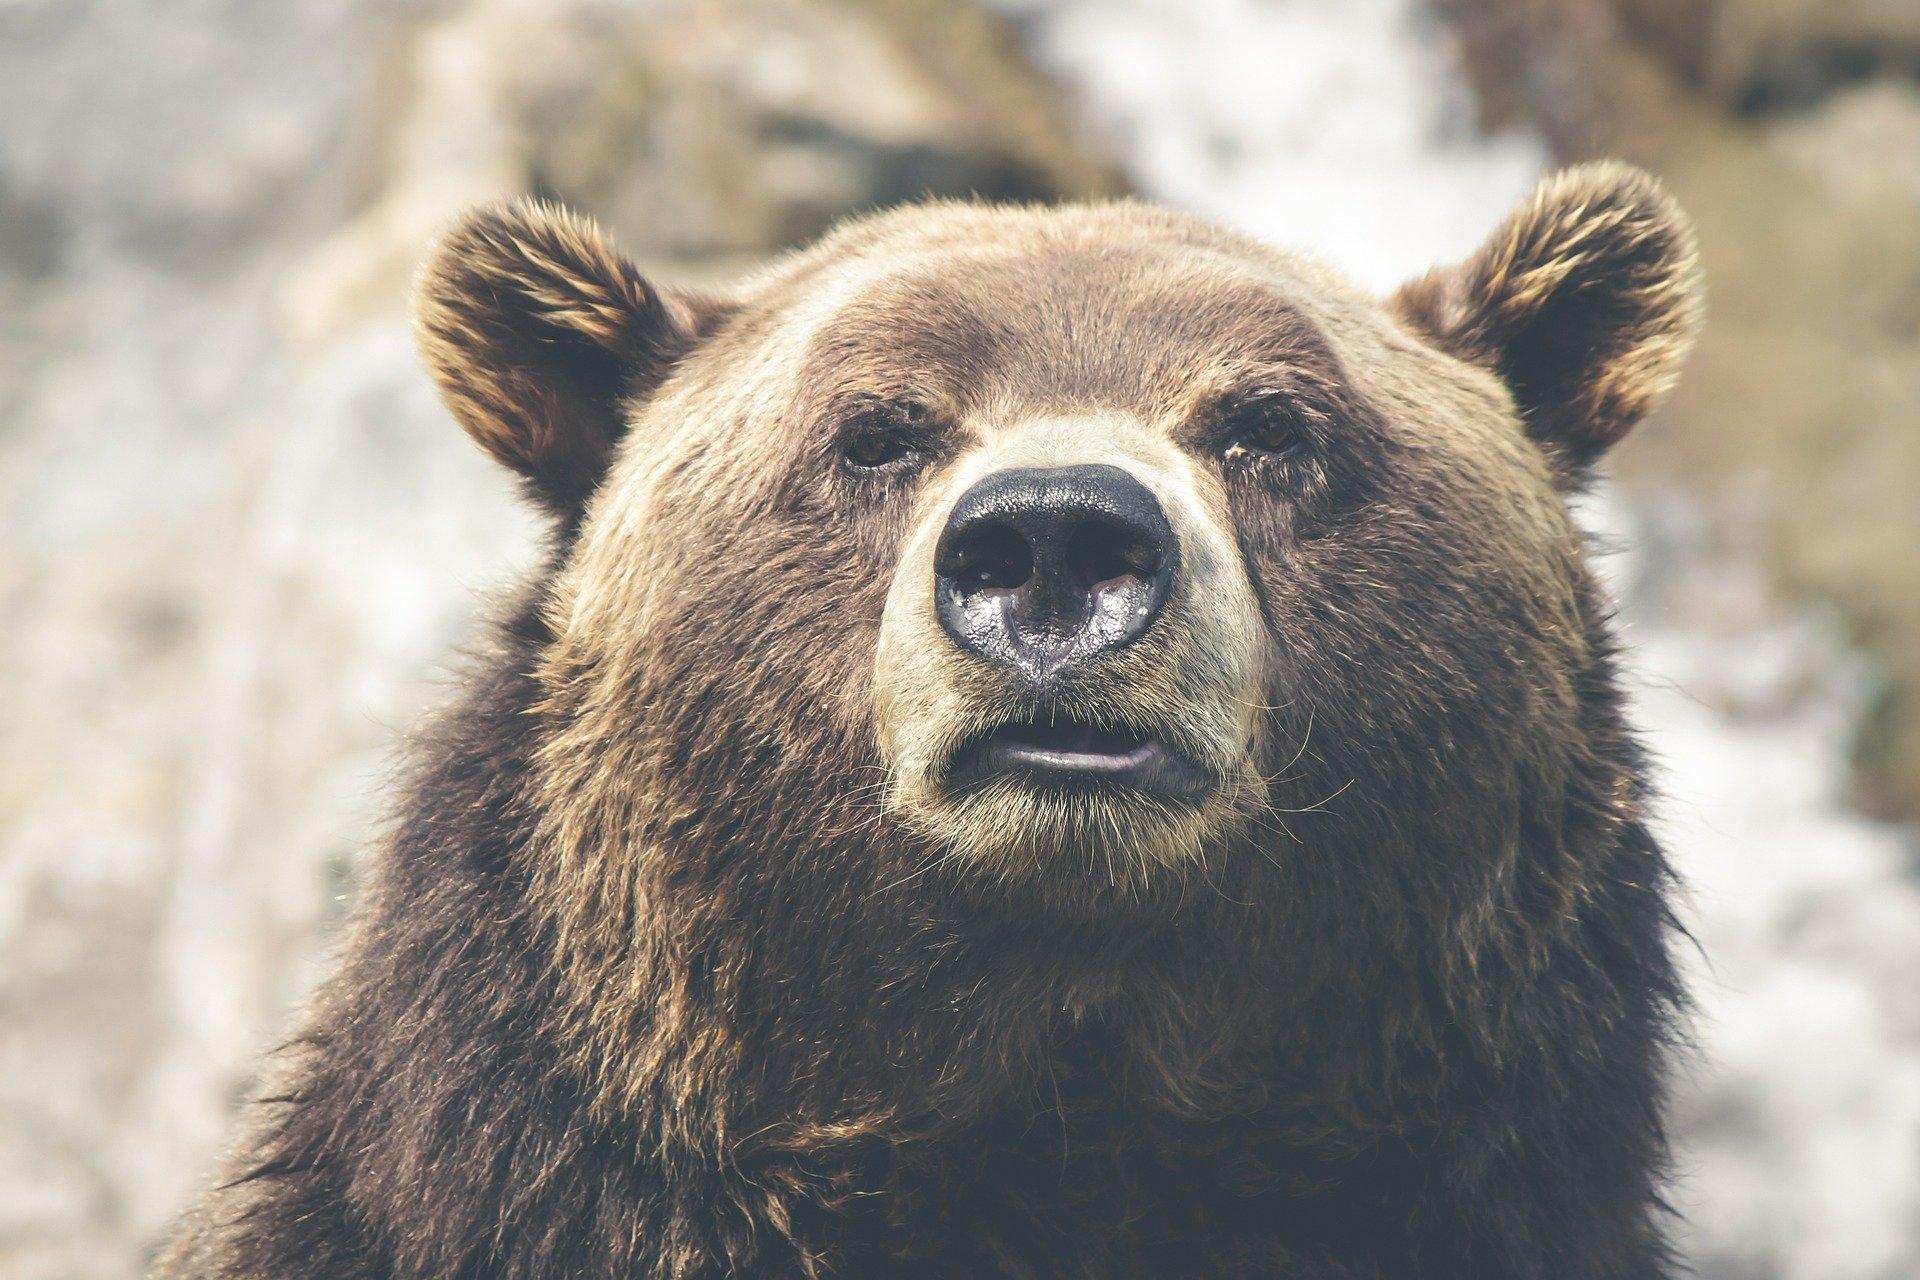 Nadchodzi zima - niedźwiedzia rodzina szykuje się do snu - Zdjęcie główne